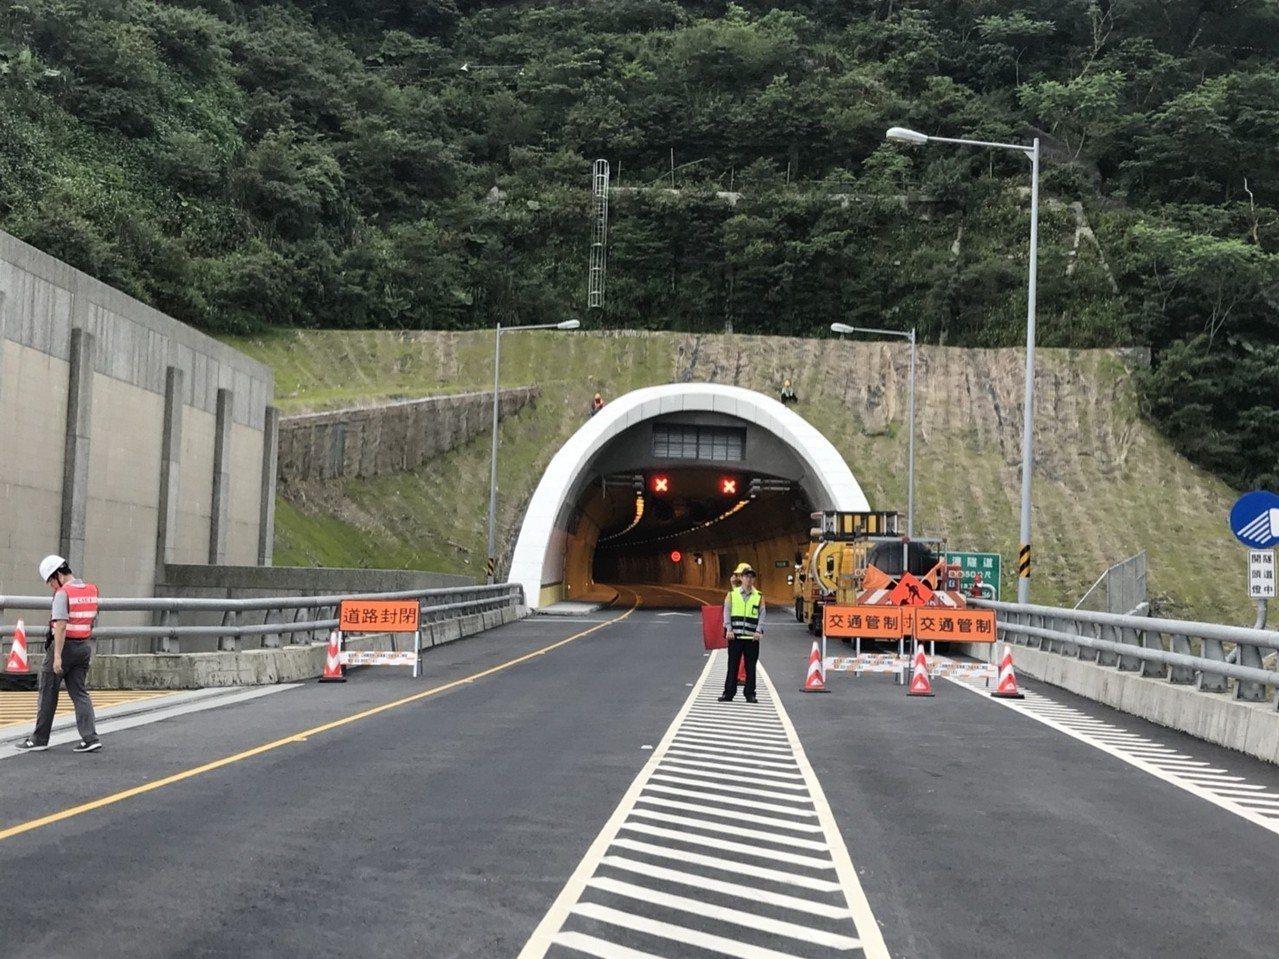 蘇花改防救災演練時,將封路管制。資料照片/公路總局第四區養護工程處提供